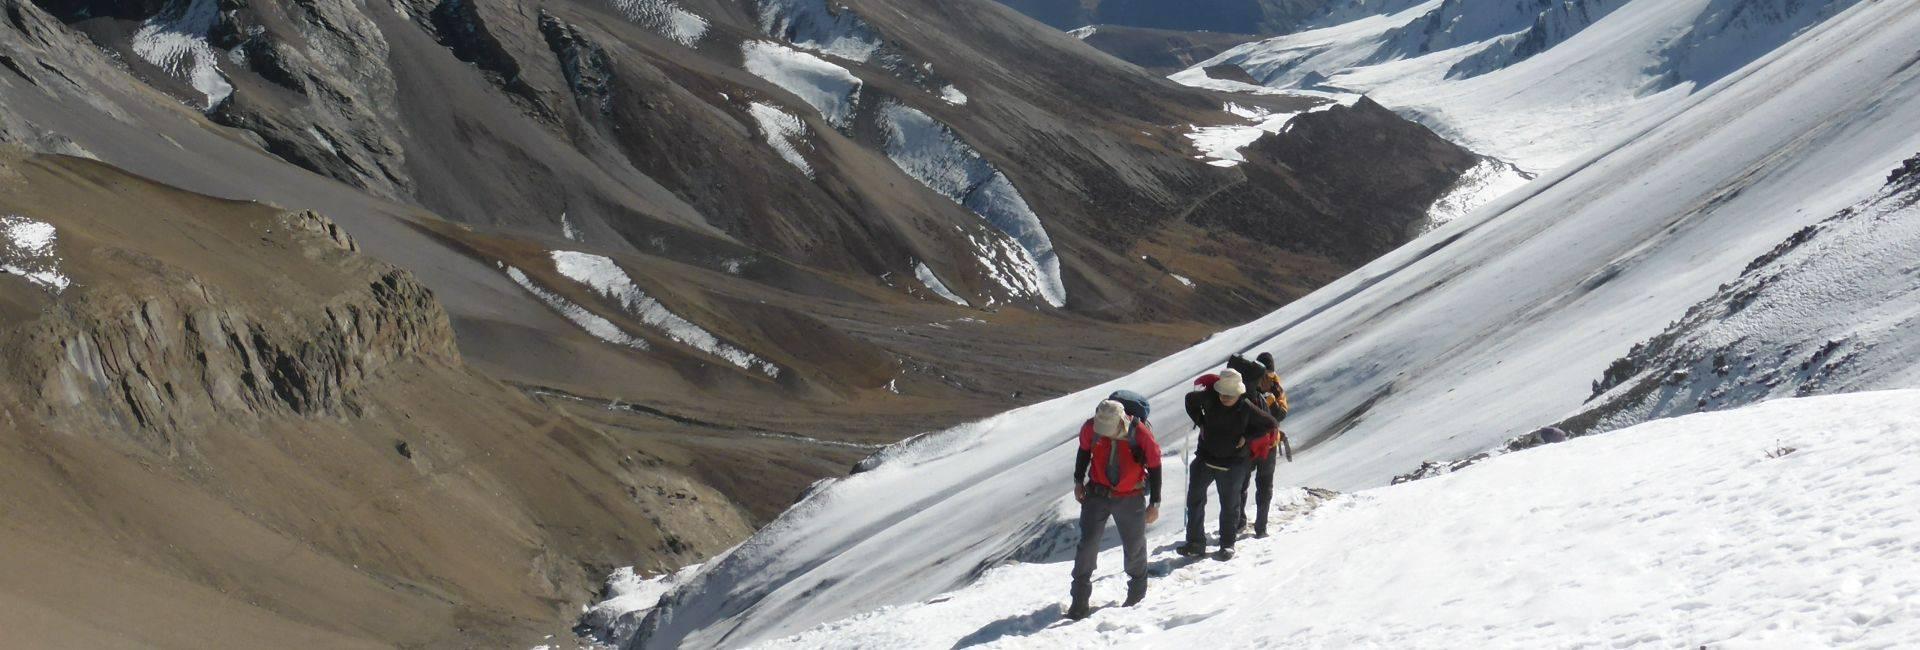 Naar to Upper Mustang trek over Teri La in Nepal